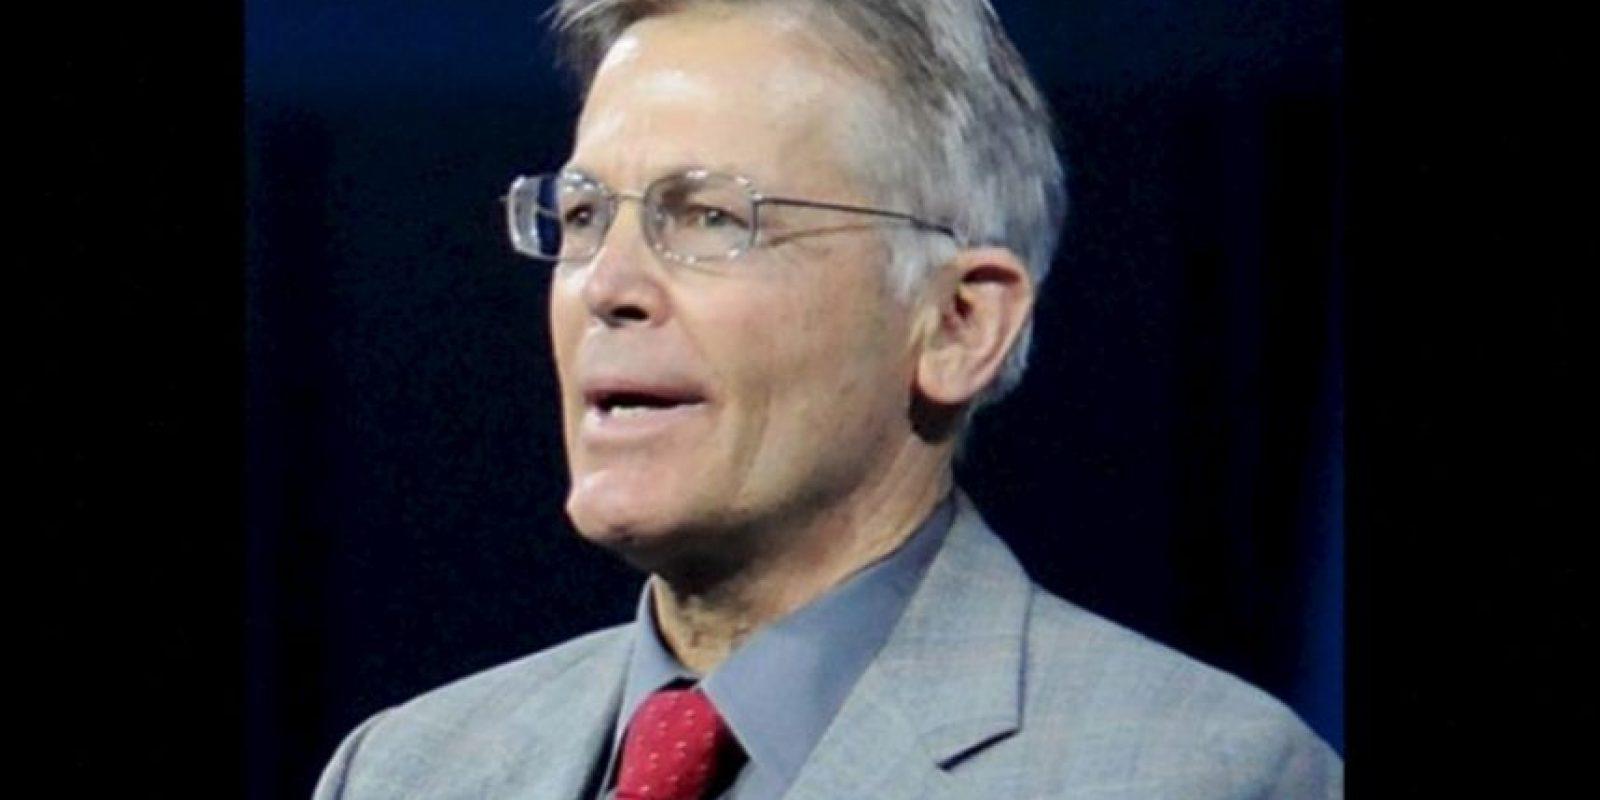 Es CEO de la empresa Arvest Bank e hijo del fundador de Walmart. Tiene 67 años y vive en Bentoville, Arkansas, Estados Unidos. Foto:Forbes.com